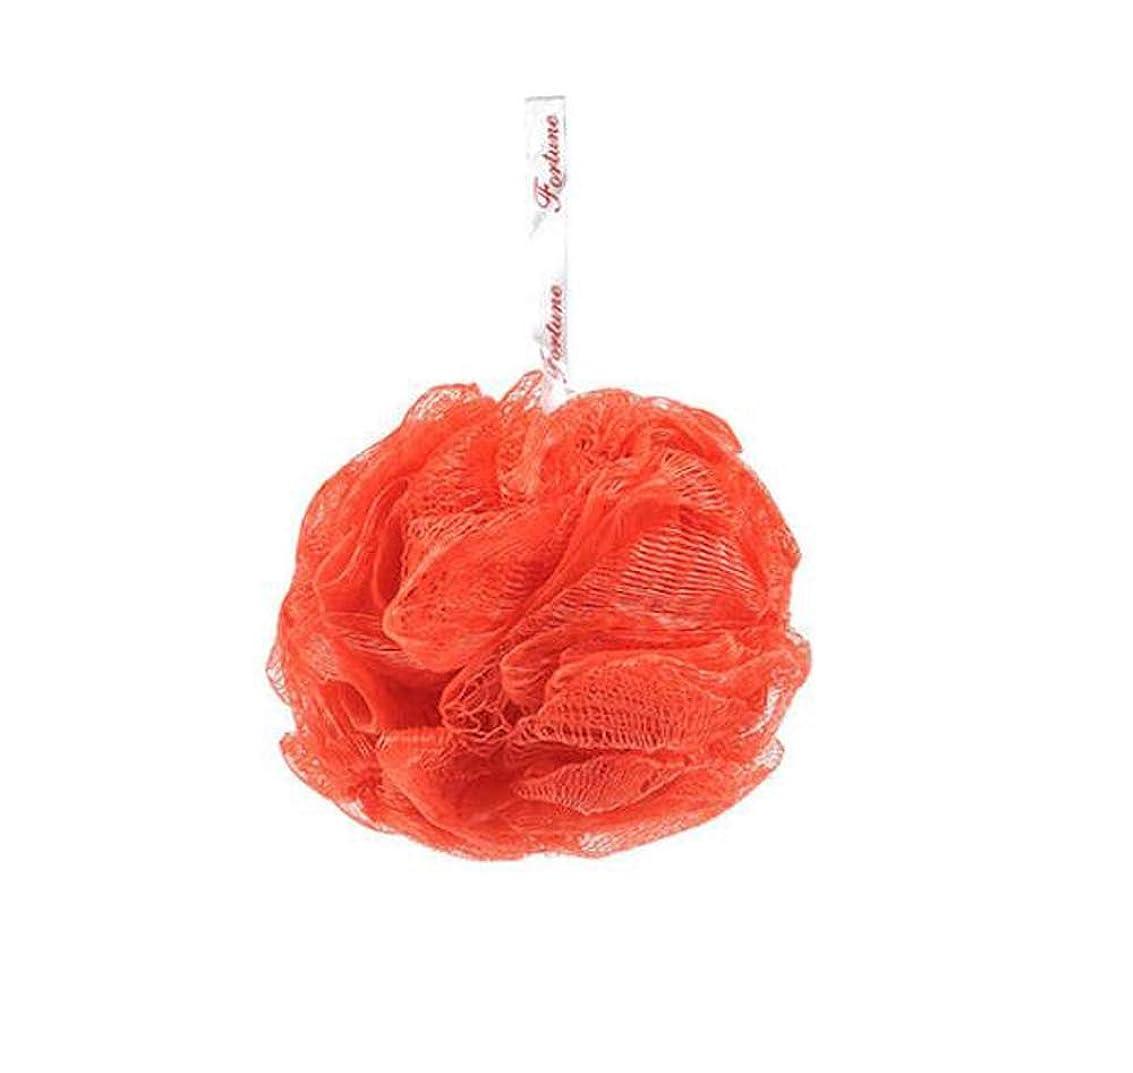 航空会社マナー土砂降りSZB フラワーボール 泡立てネット ボディウォッシュボール ボディー洗い 石鹸 シャンプー 泡立つ ふわふわ 色ランダム (4個セット)